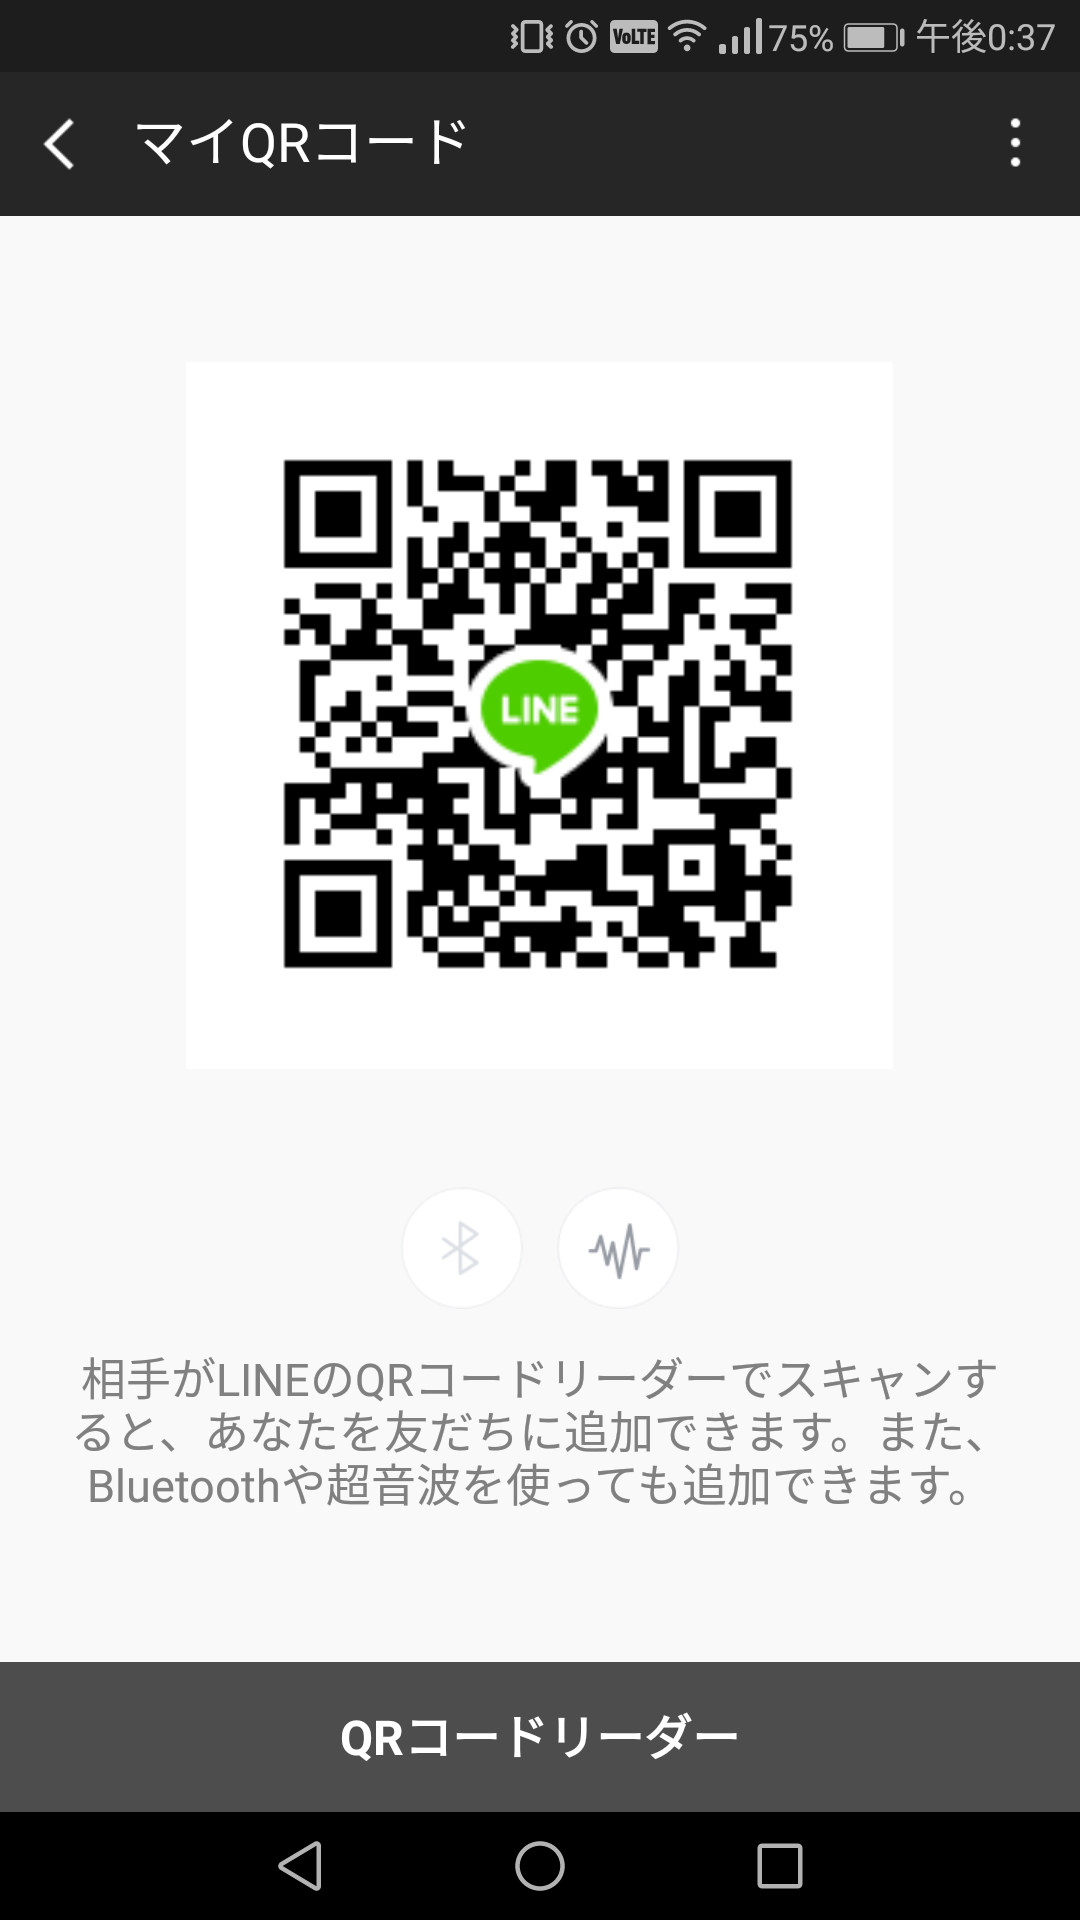 HIDE さんのLINE QRコード